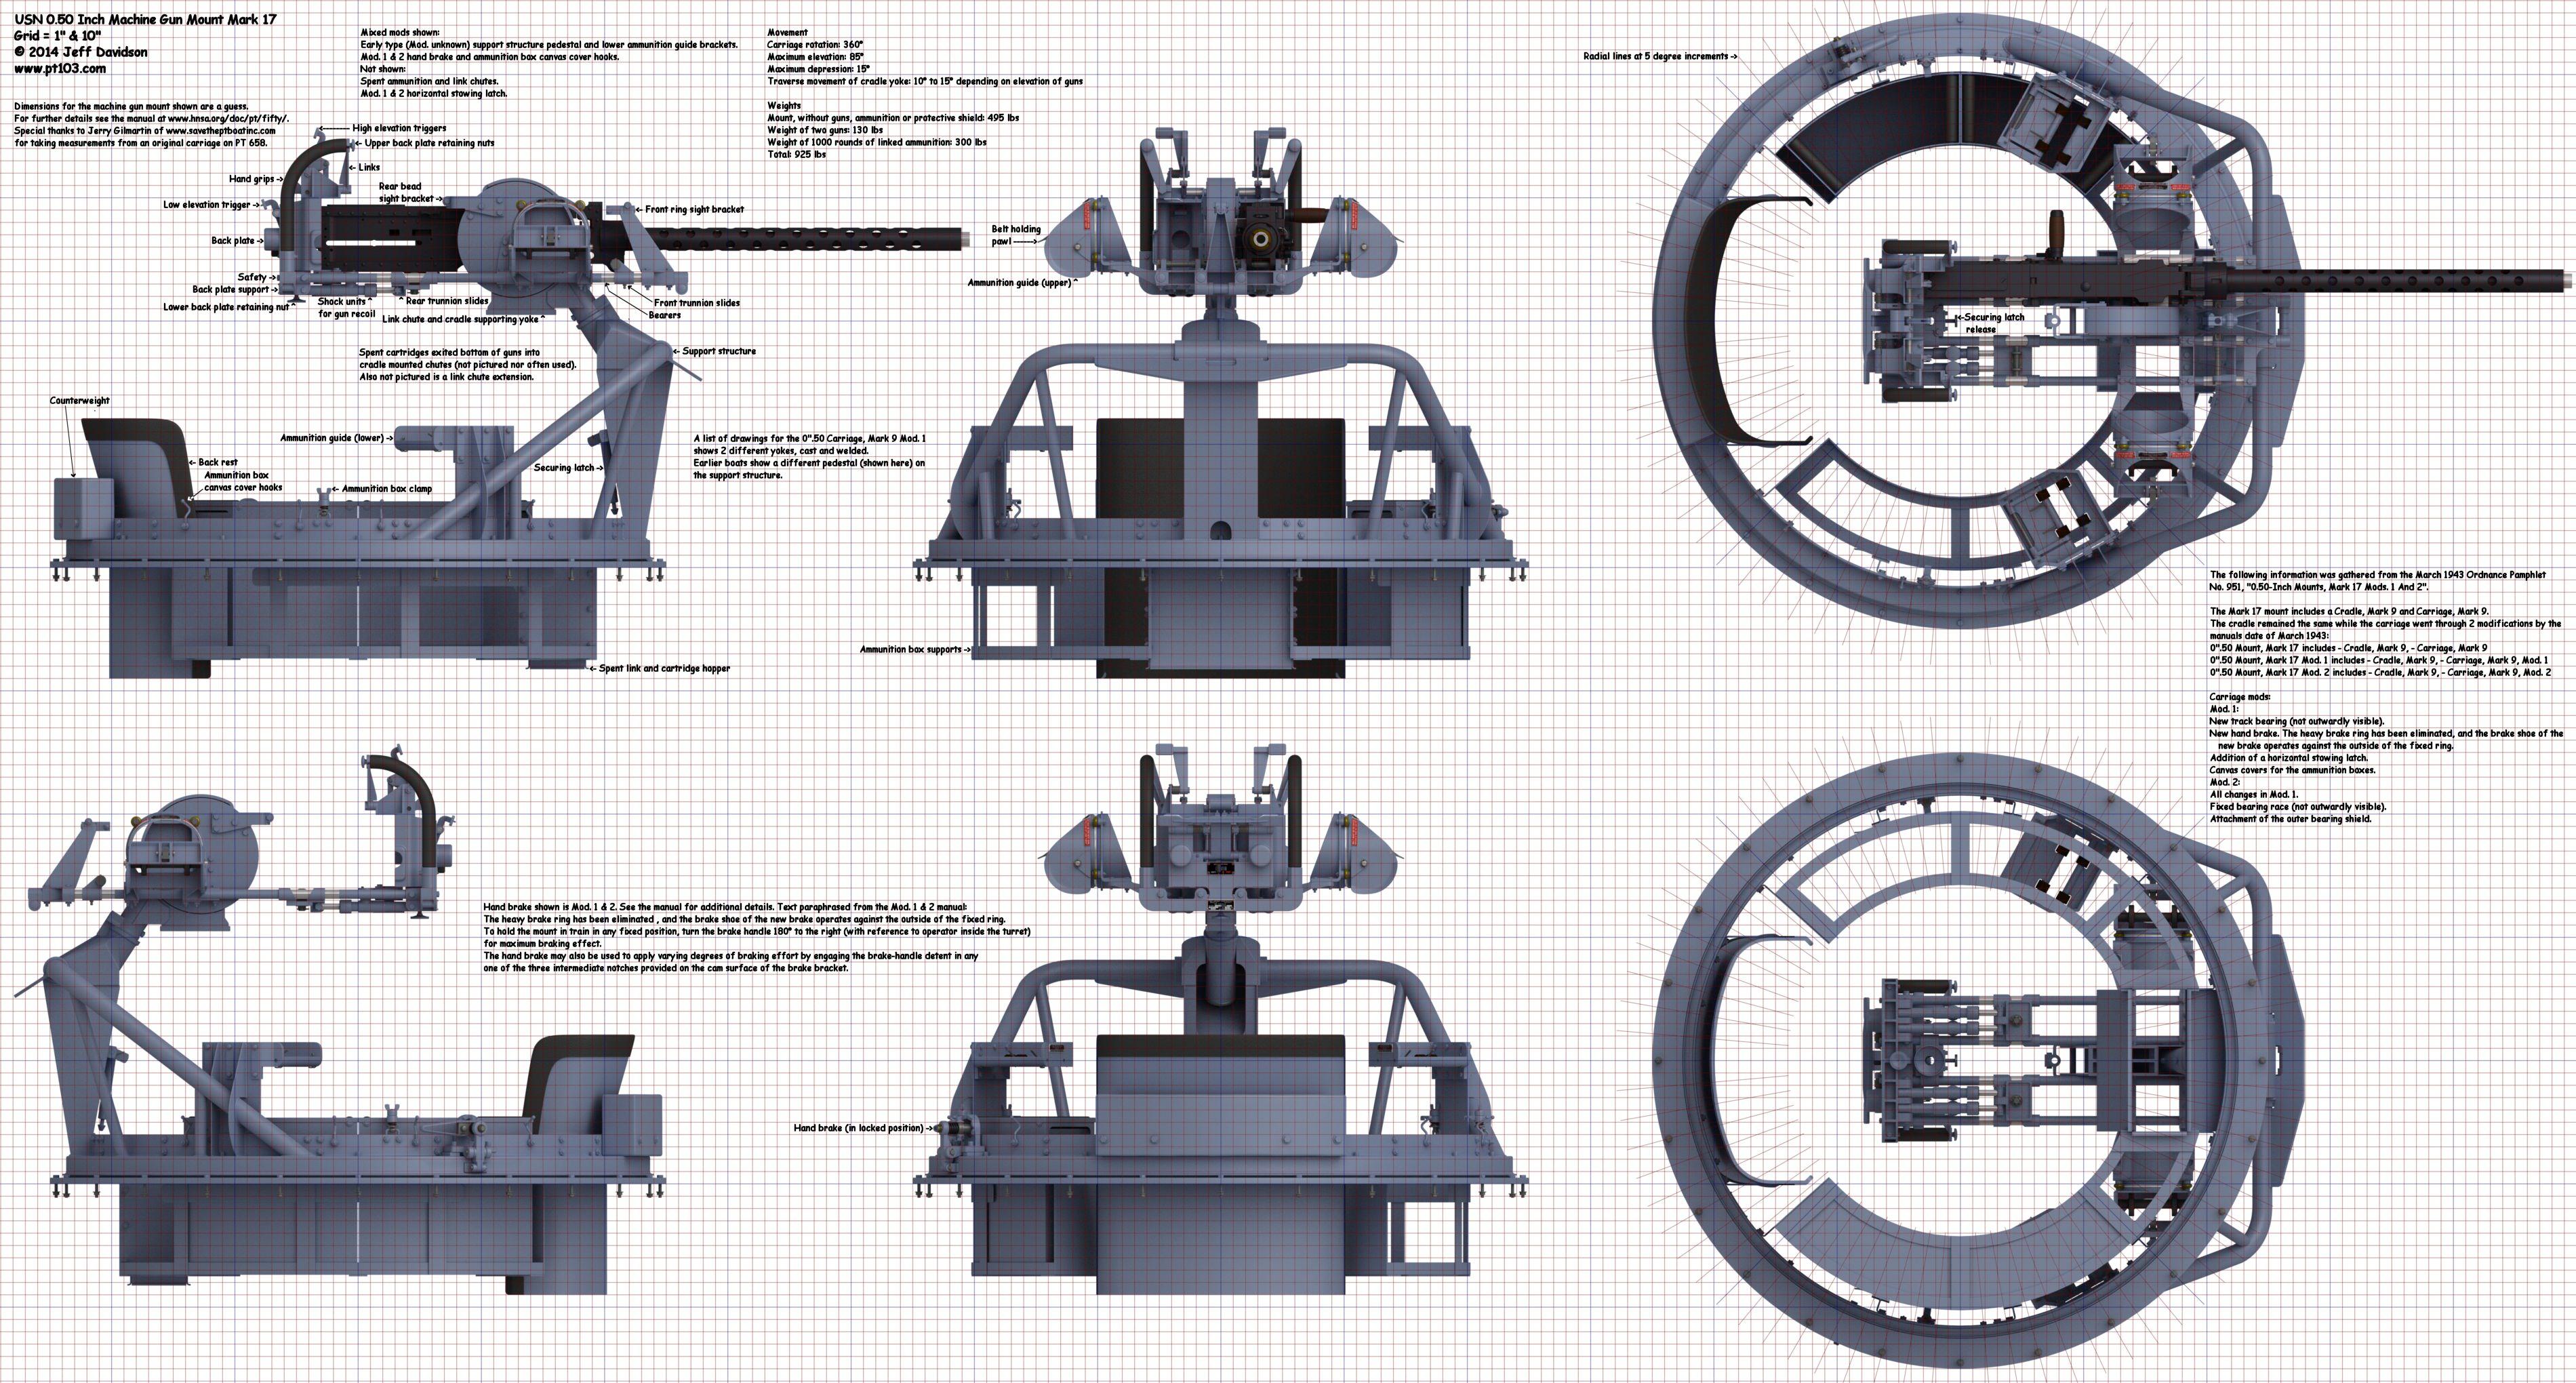 usn 0 50 inch machine gun mount mark 17